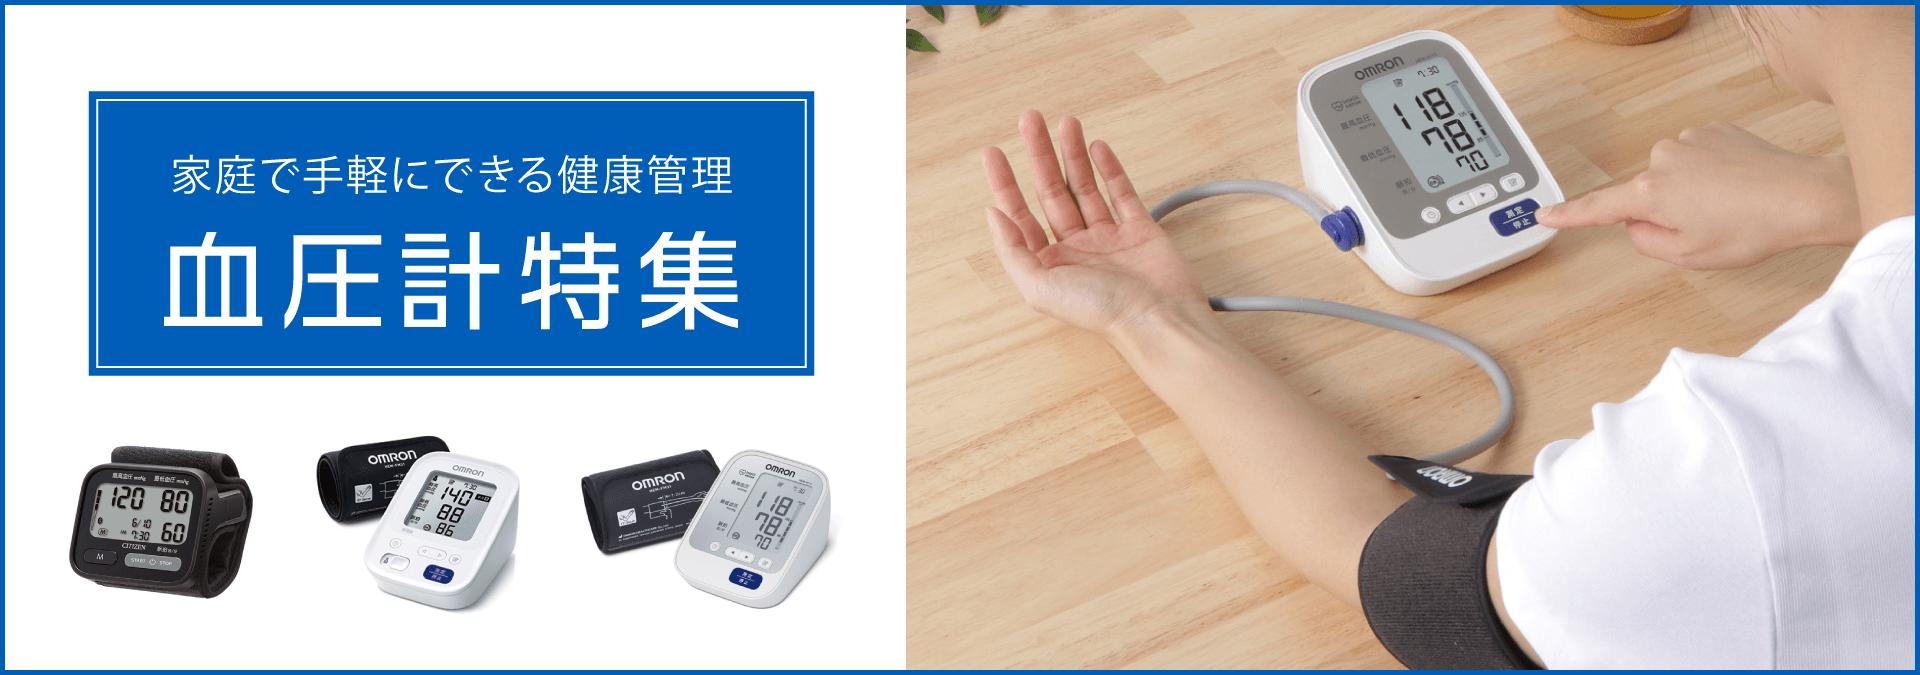 血圧計特集